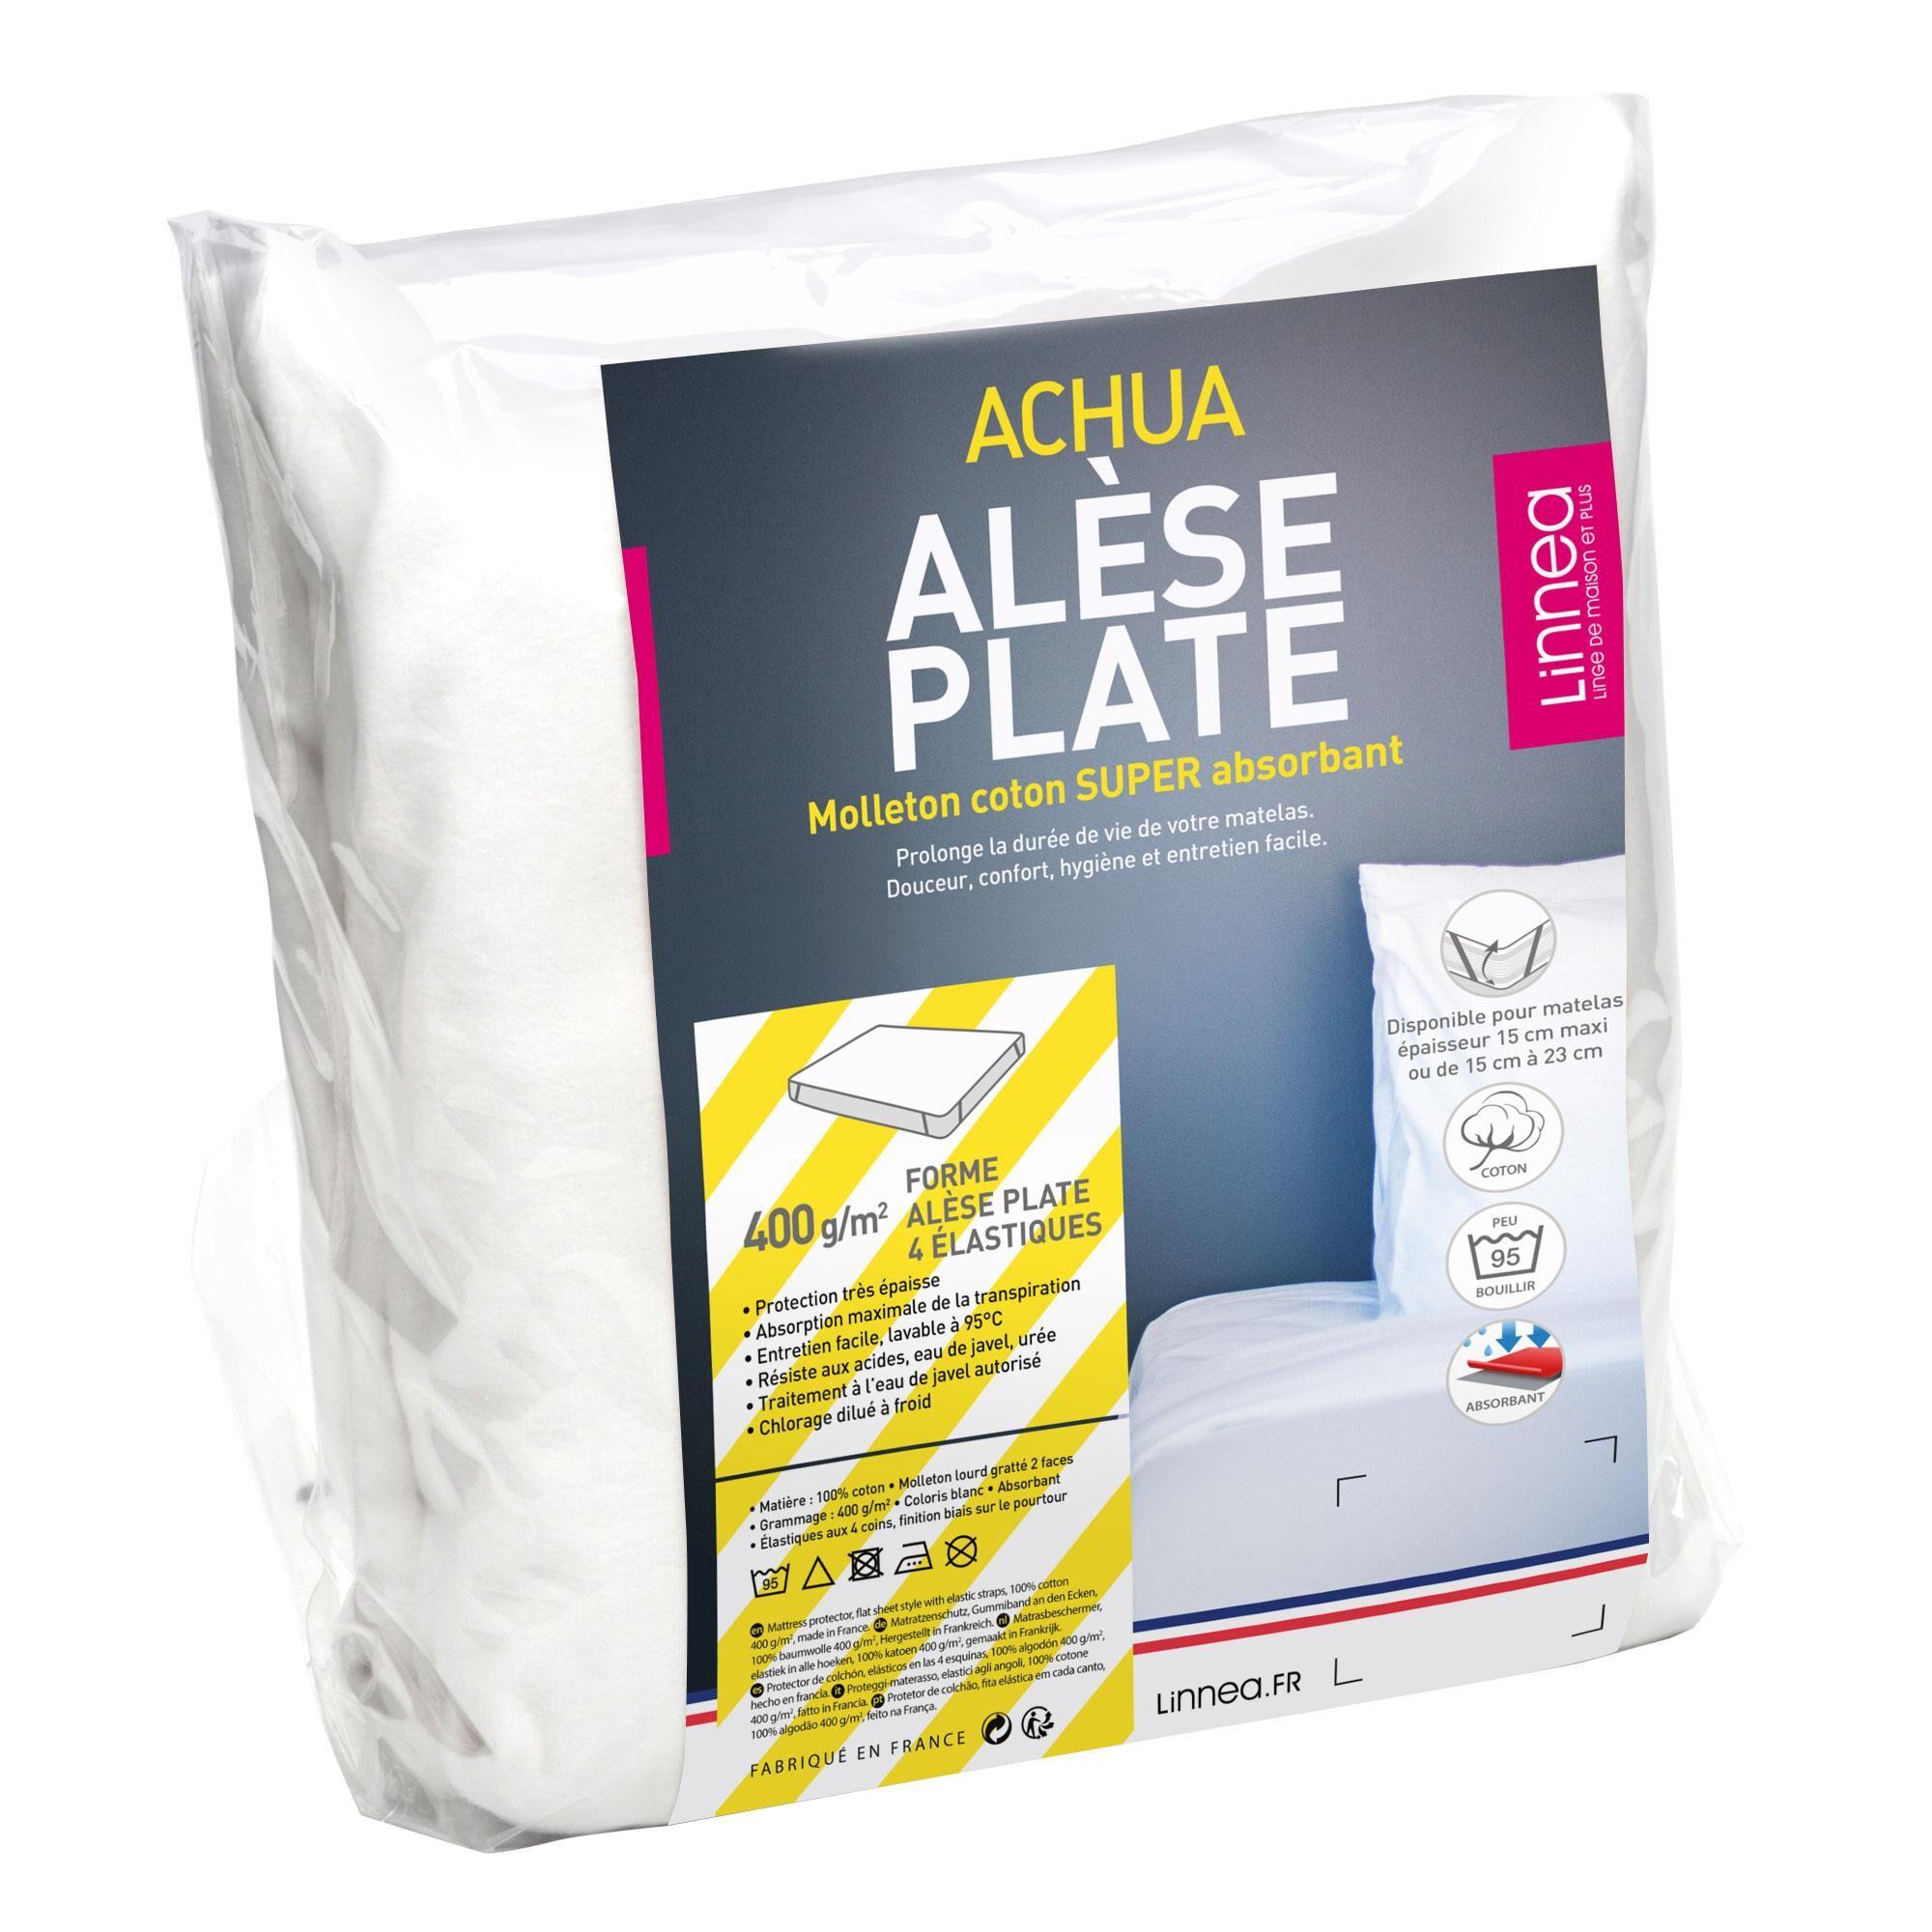 Linnea Alèse plate 70x190 cm ACHUA Molleton 100% coton 400 g/m2 matelas 15cm à 23cm